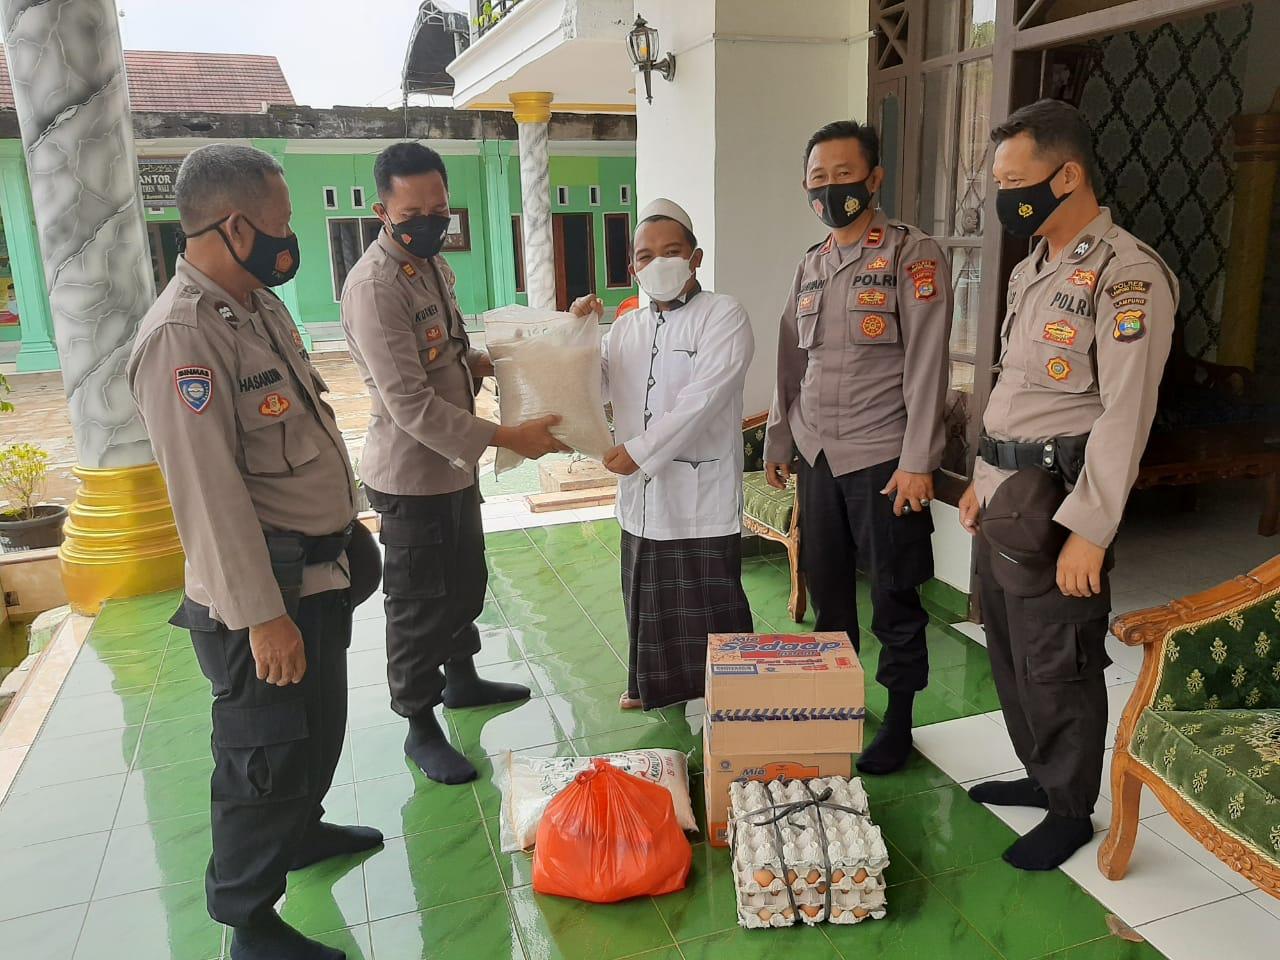 Menyalurkan Sarana Kontak Dan Silaturahmi Di Pondok Pesantren Wali Songo Kasat Binmas Bersama Personilnya